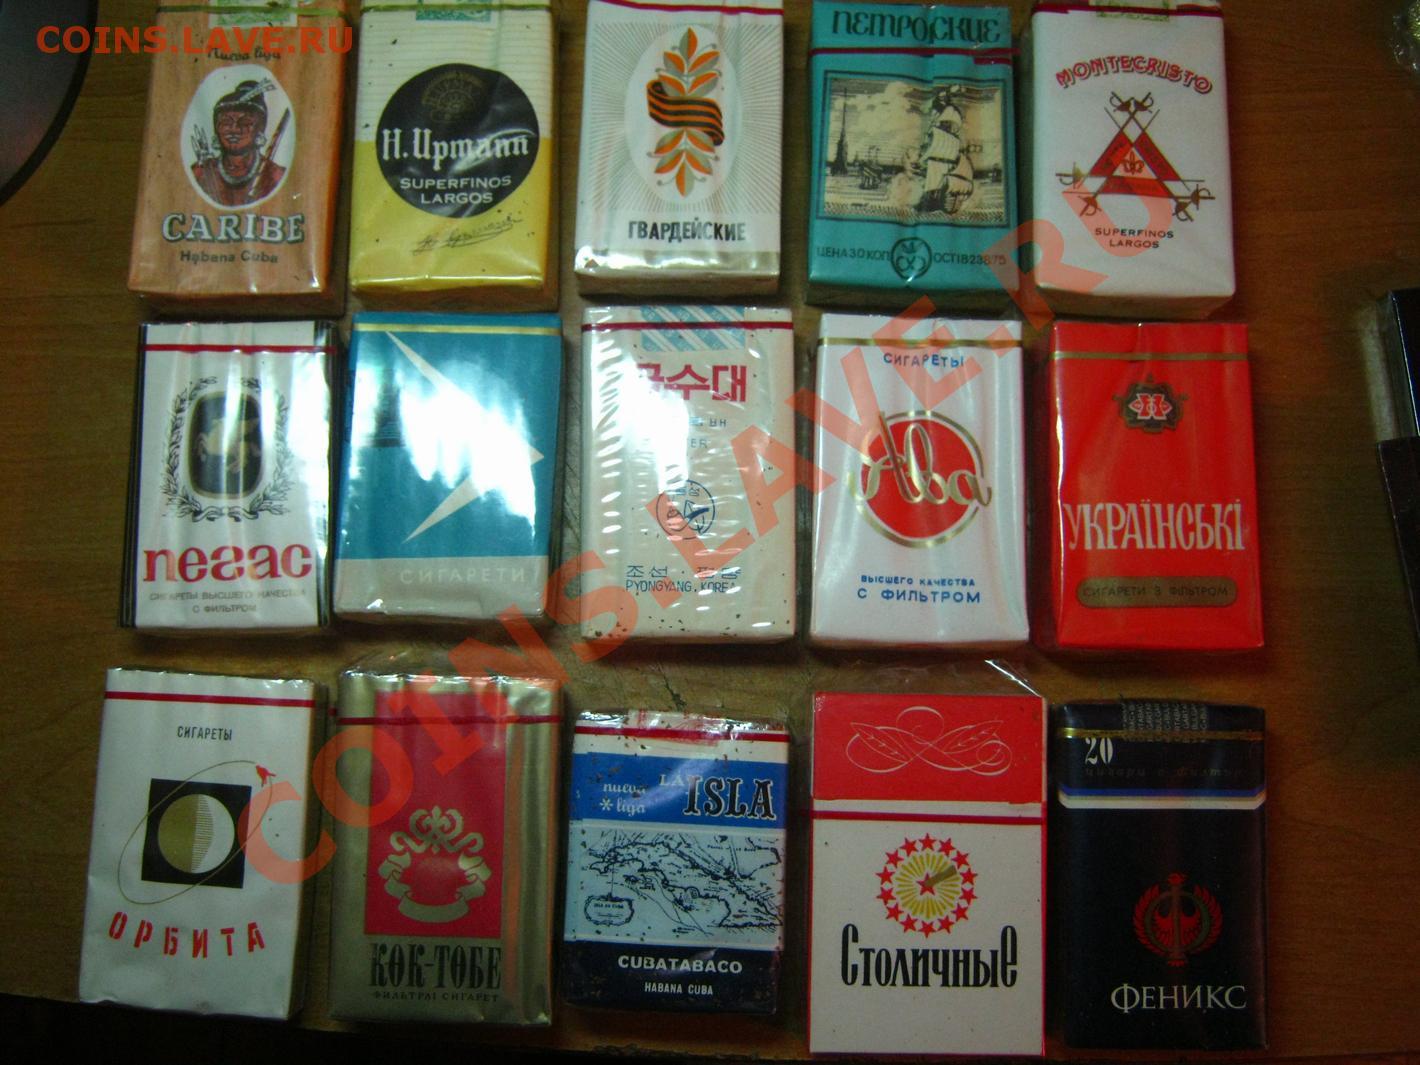 Куплю пачки от сигарет ссср заказать крикет сигареты